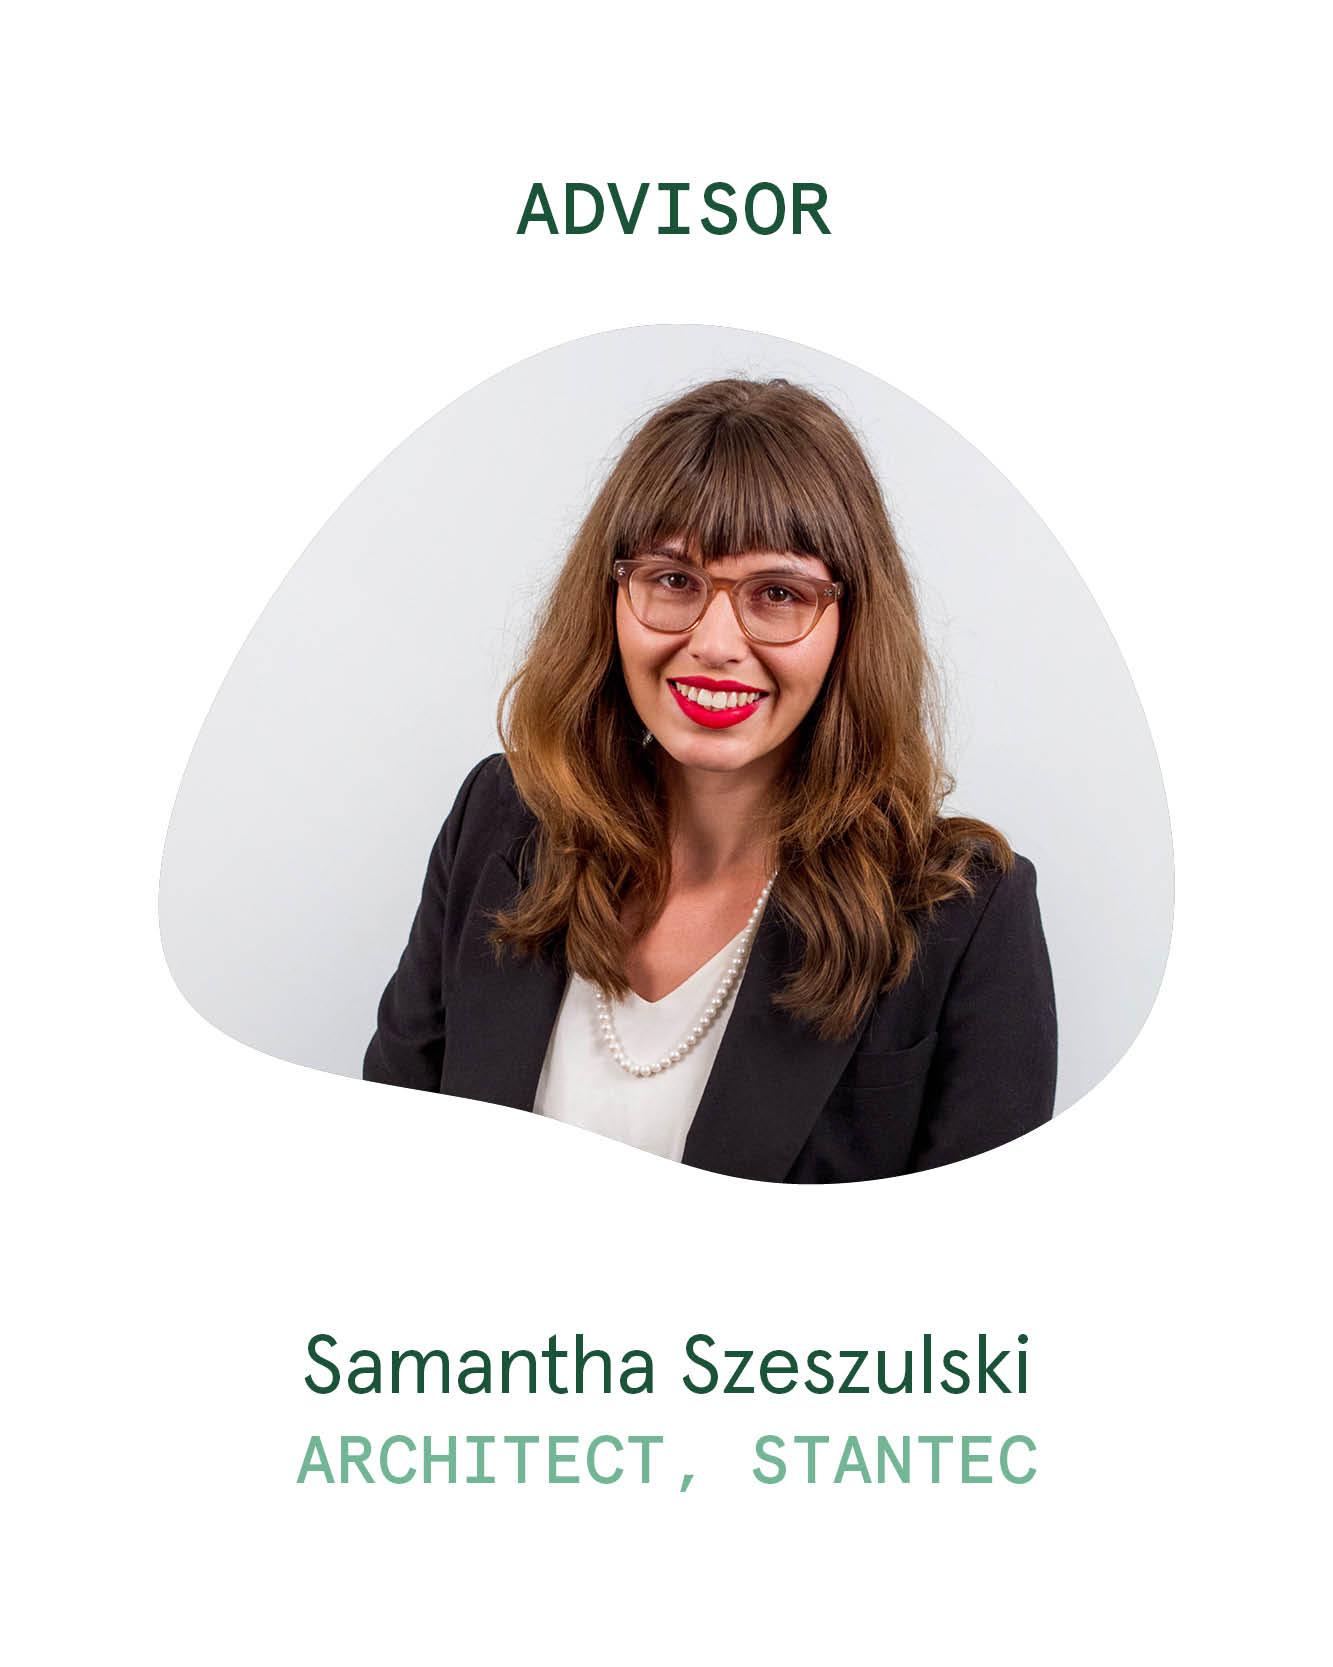 Samantha Szeszulski